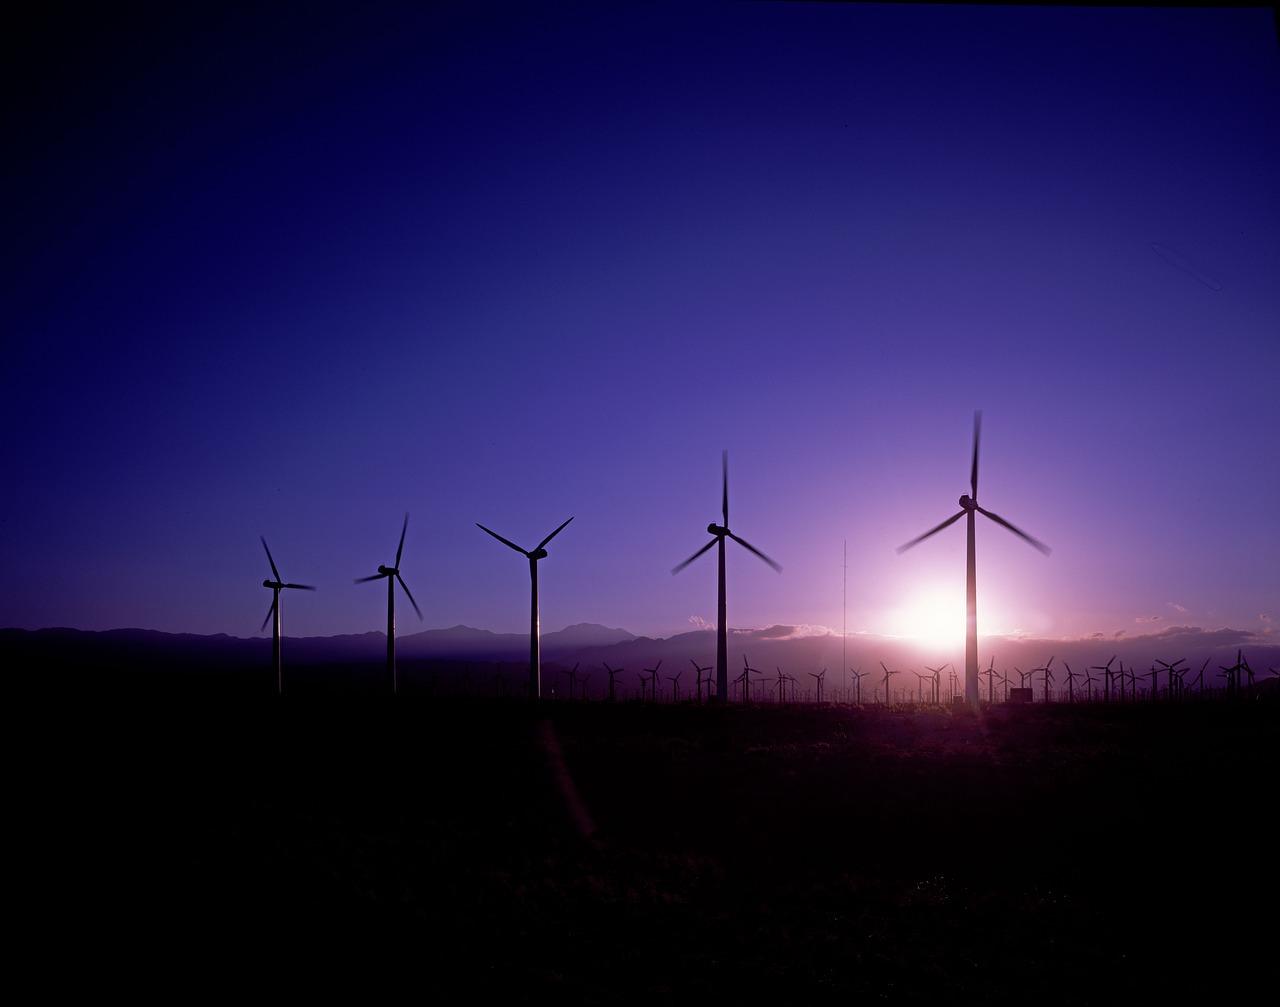 Empresas renovables presentan 172 amparos contra política energética de AMLO